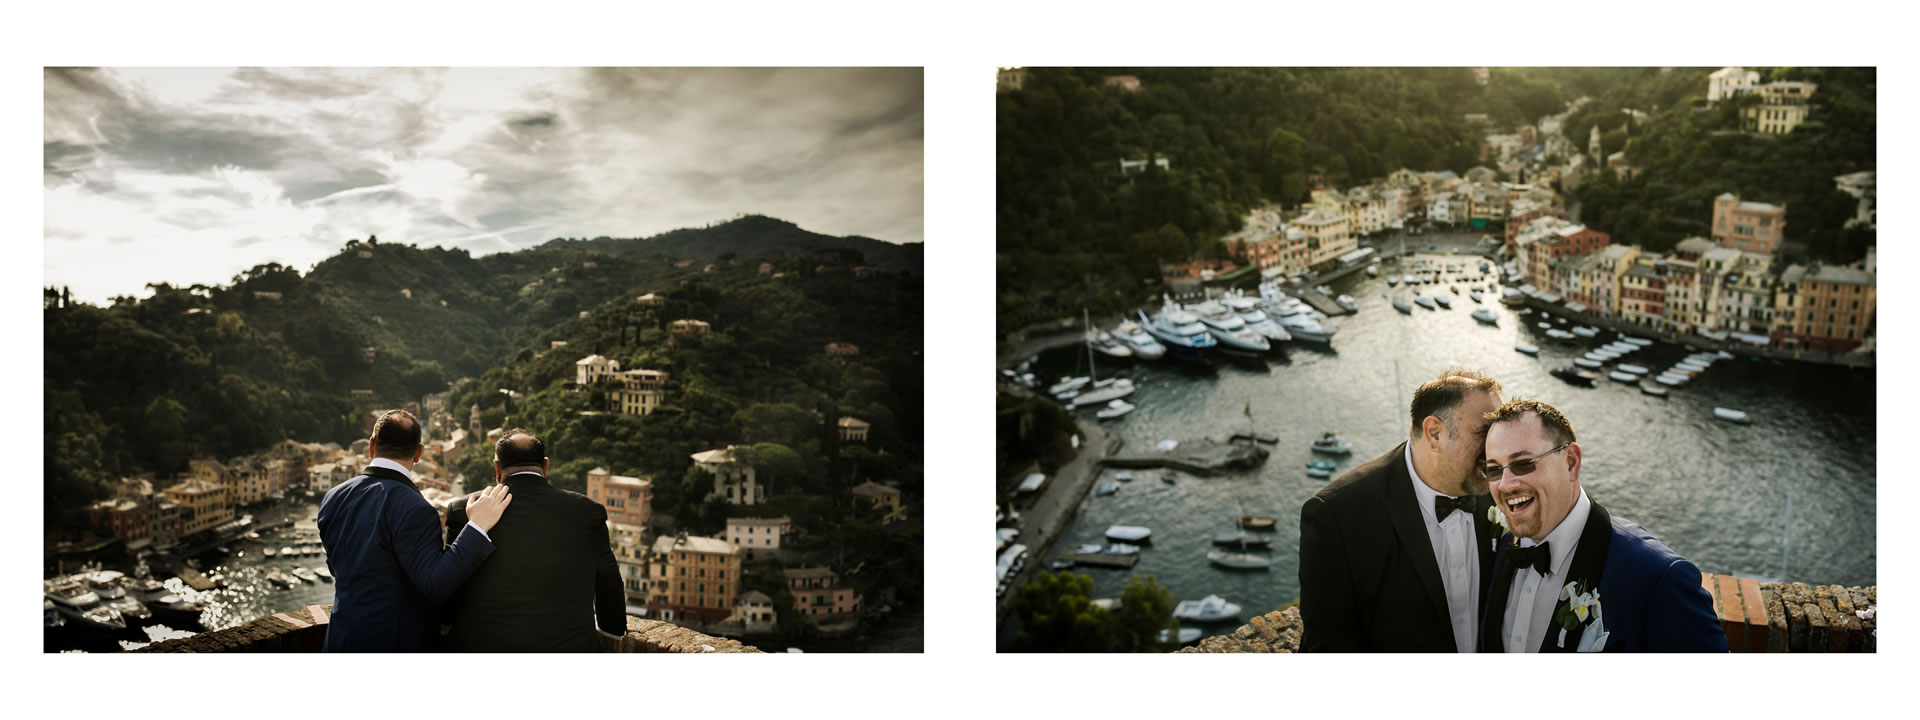 same-sex-love-in-portofino-david-bastianoni-photographer-00025 - 25 :: Wedding in Portofino // WPPI 2018 // The man that I love :: Luxury wedding photography - 24 :: same-sex-love-in-portofino-david-bastianoni-photographer-00025 - 25